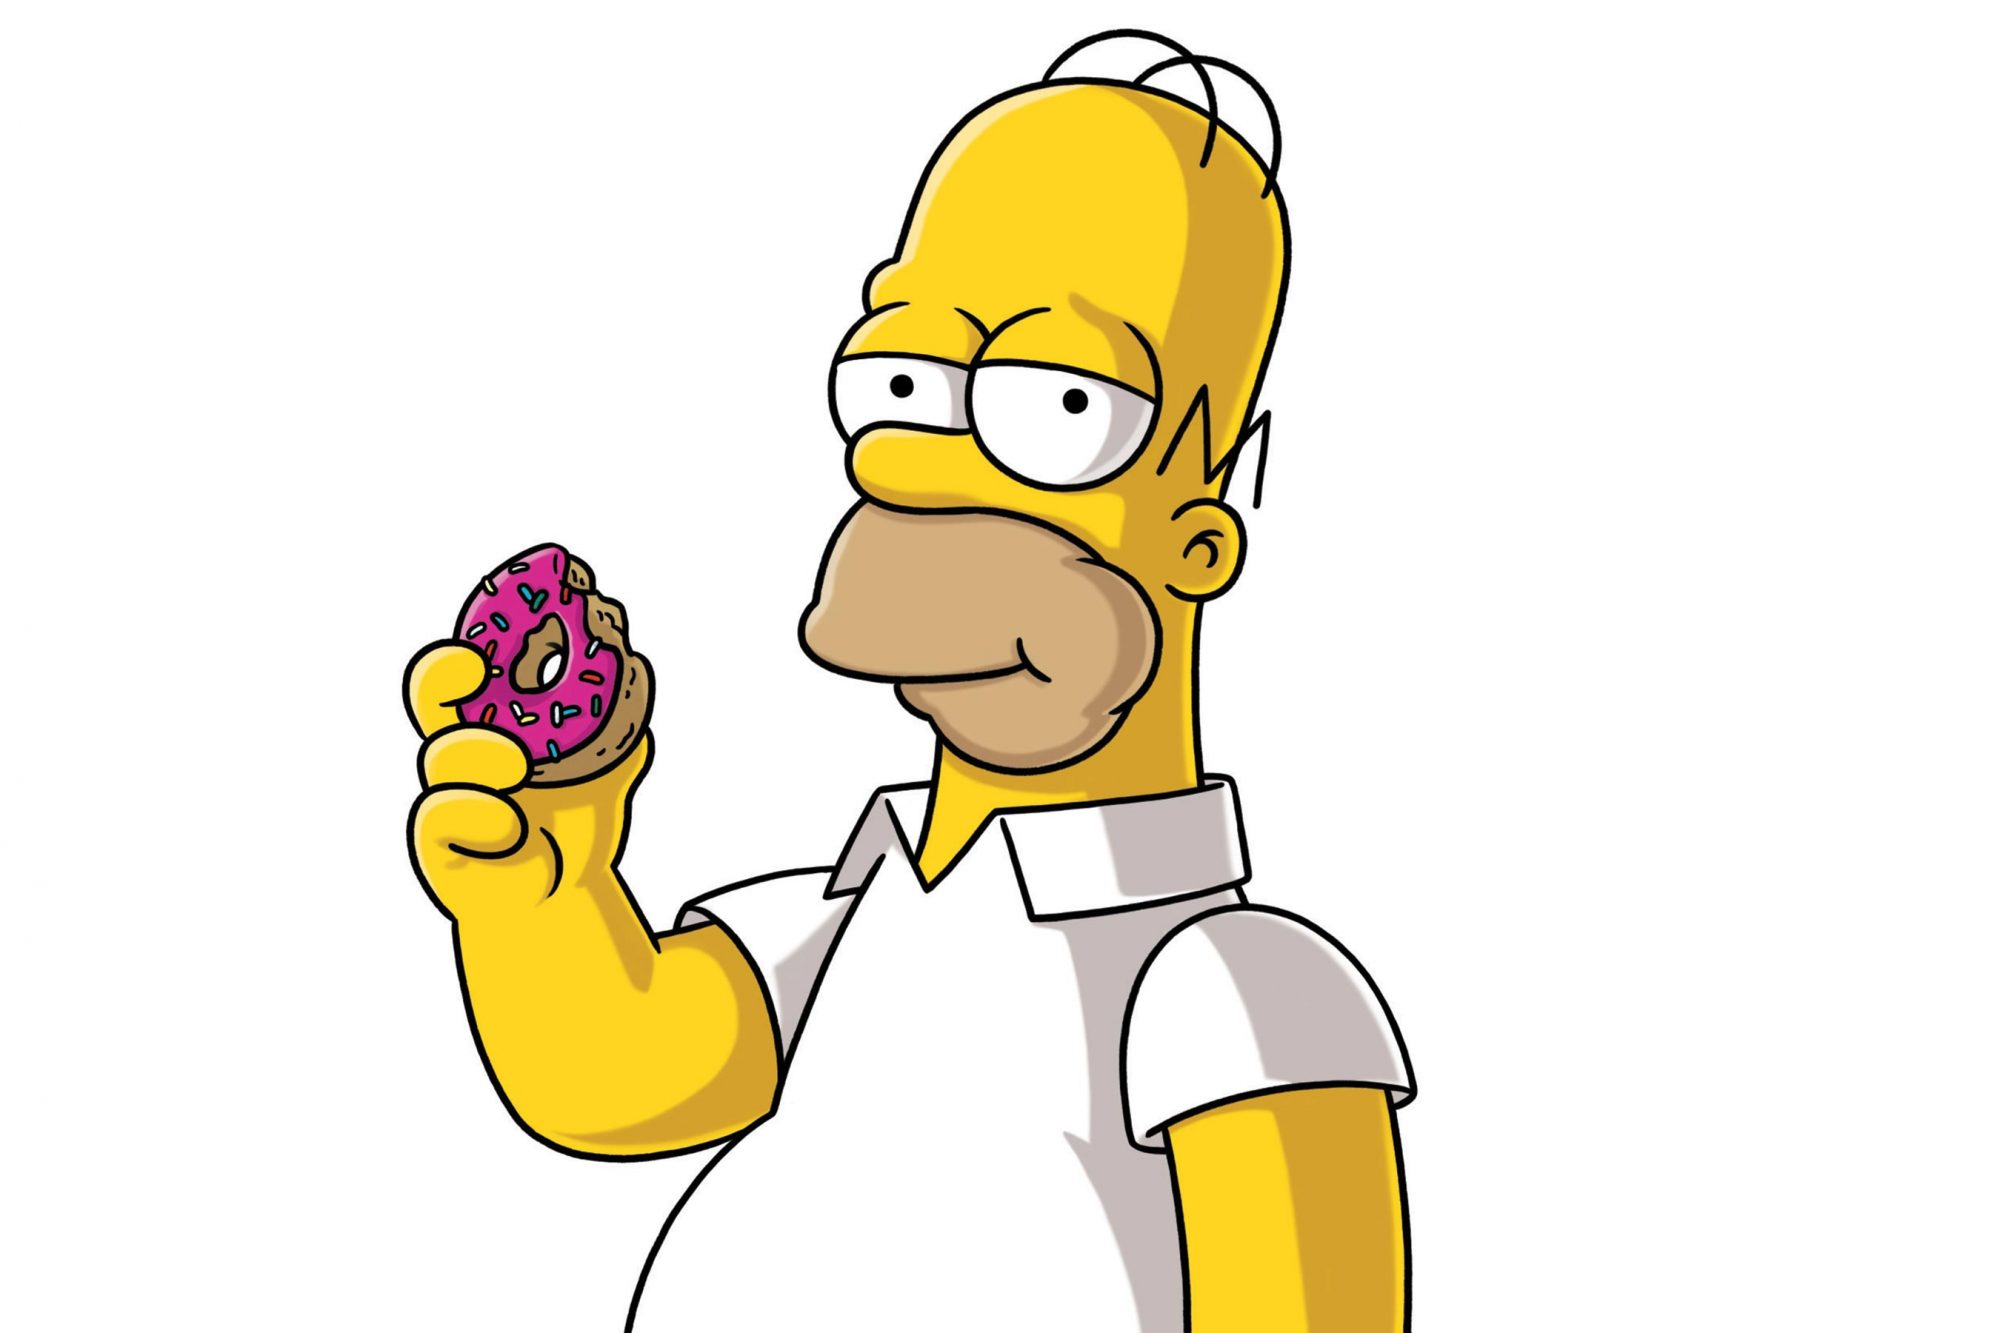 simp_HomerSingle08_f_hires2